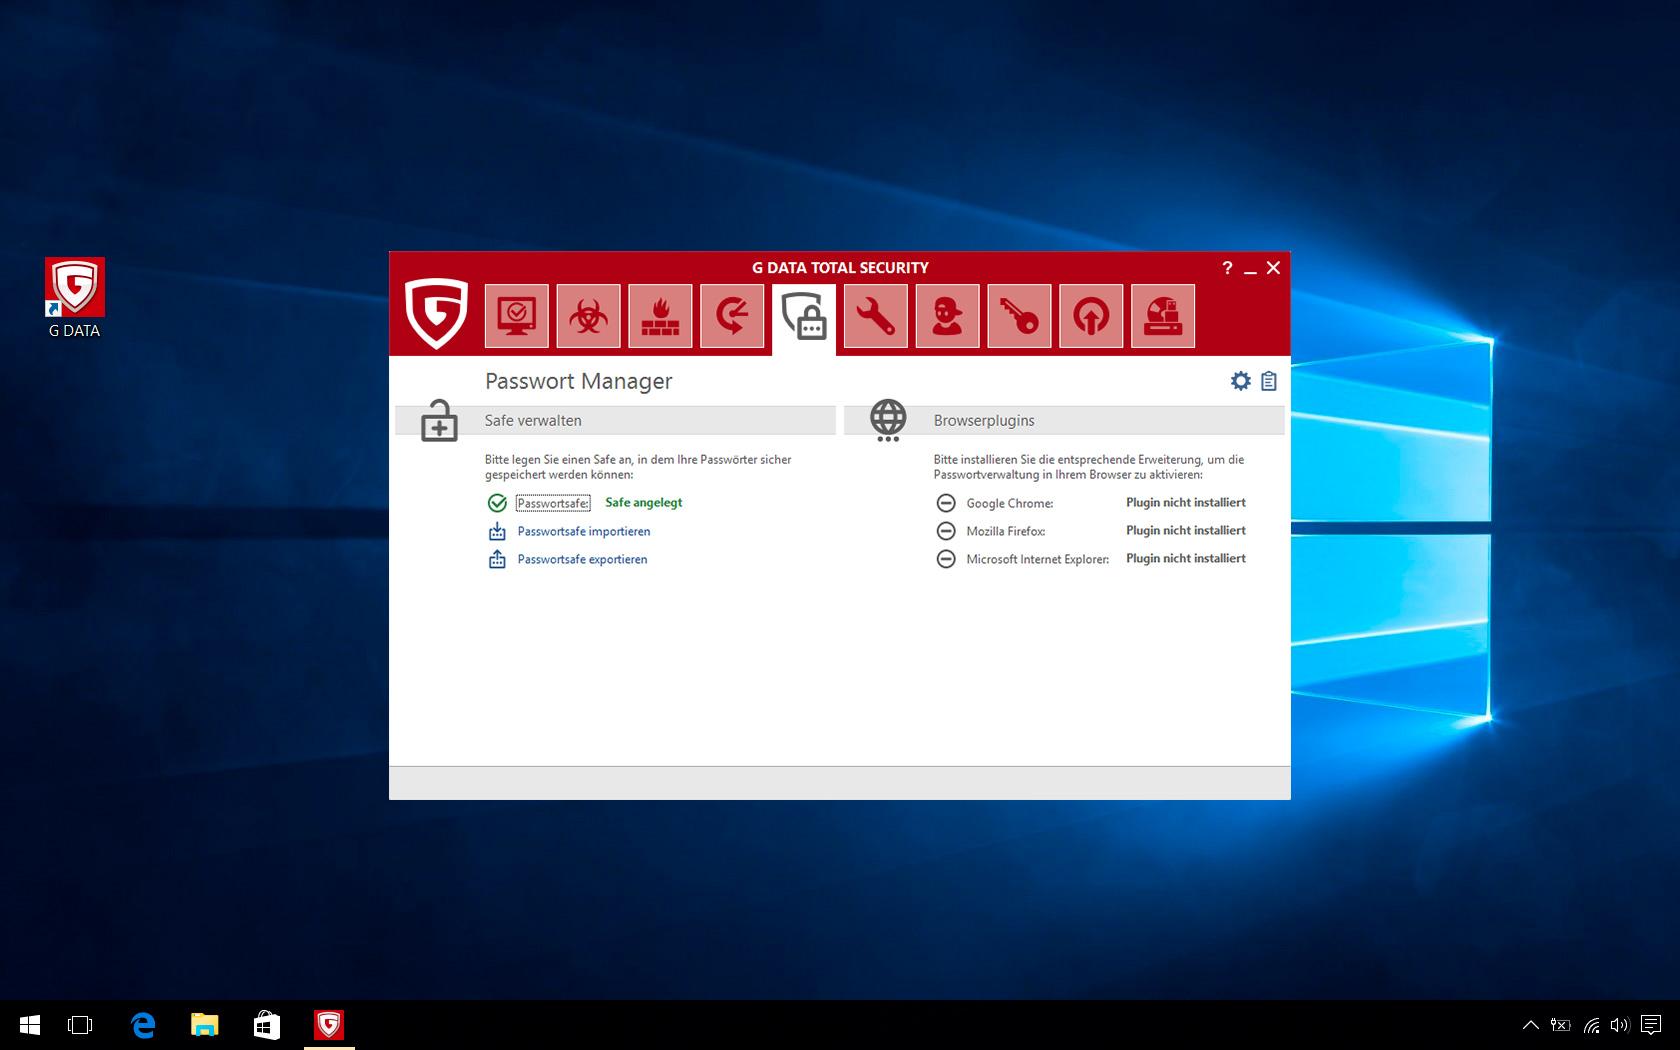 G_DATA_Screenshot_TS_2019_Passwort_Manager.jpg